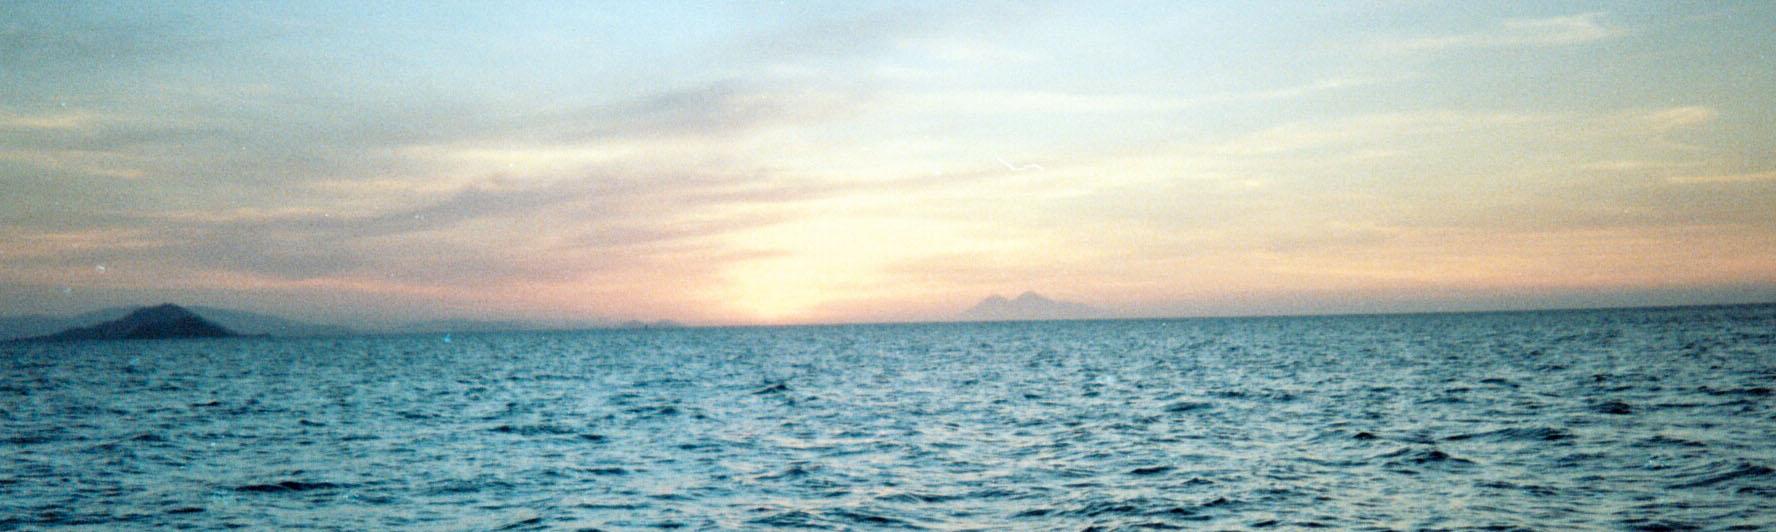 Labuanbajo sunset.jpg